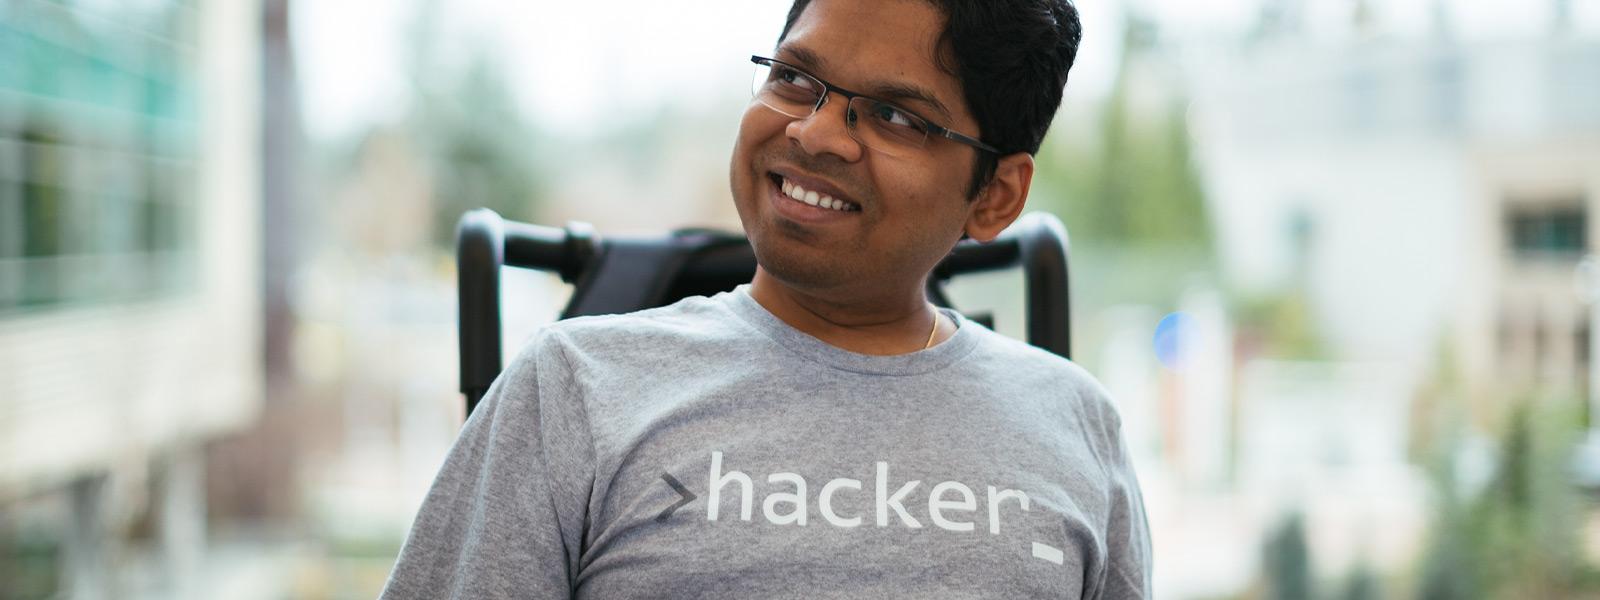 Усміхнений чоловік у колісному кріслі